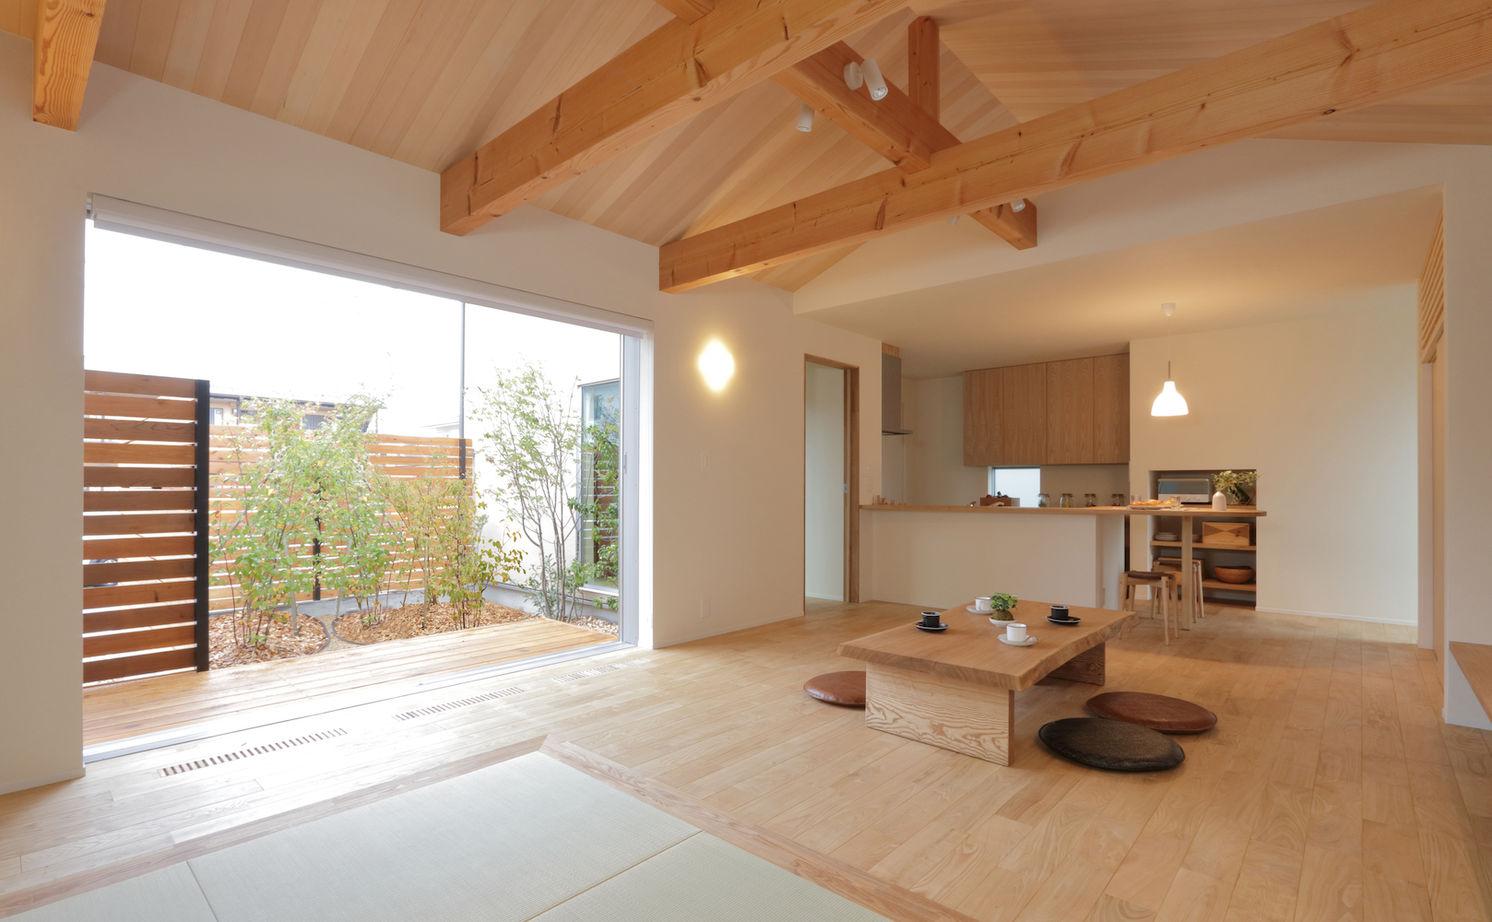 座卓に濡縁に板張りで仕上げた勾配天井。「ほっこり寛ぐ」がテーマの庭を望む家画像1